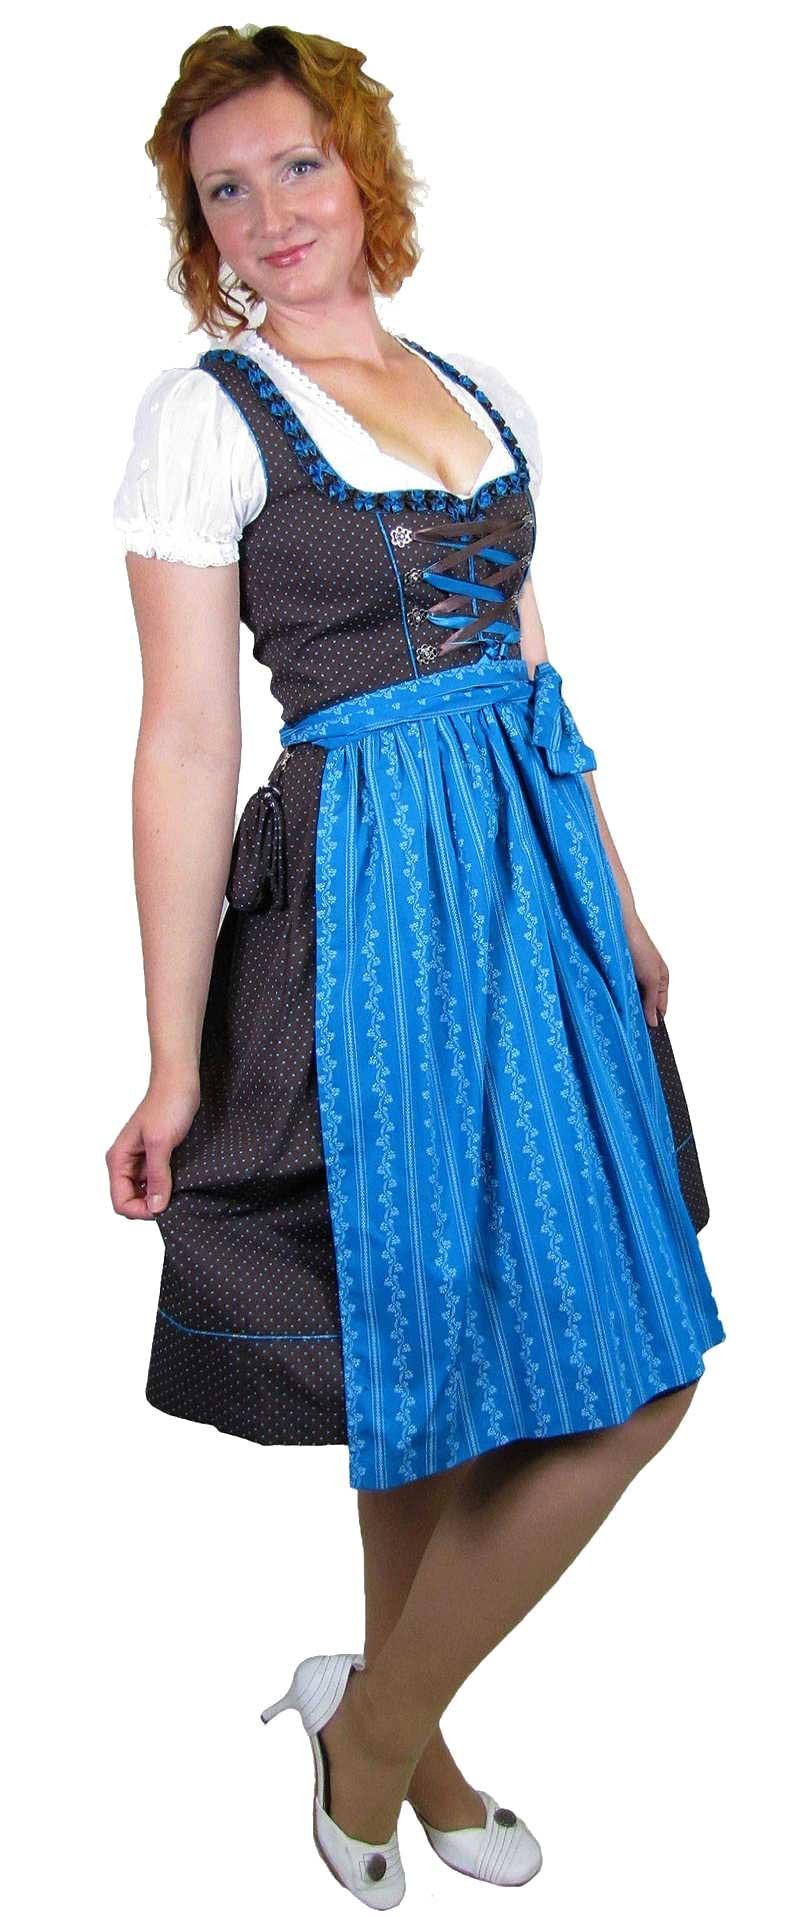 Country Life Damen Dirndl Trachten Set Kleid und Schürze mocca weiß türkis | 39,95 EUR